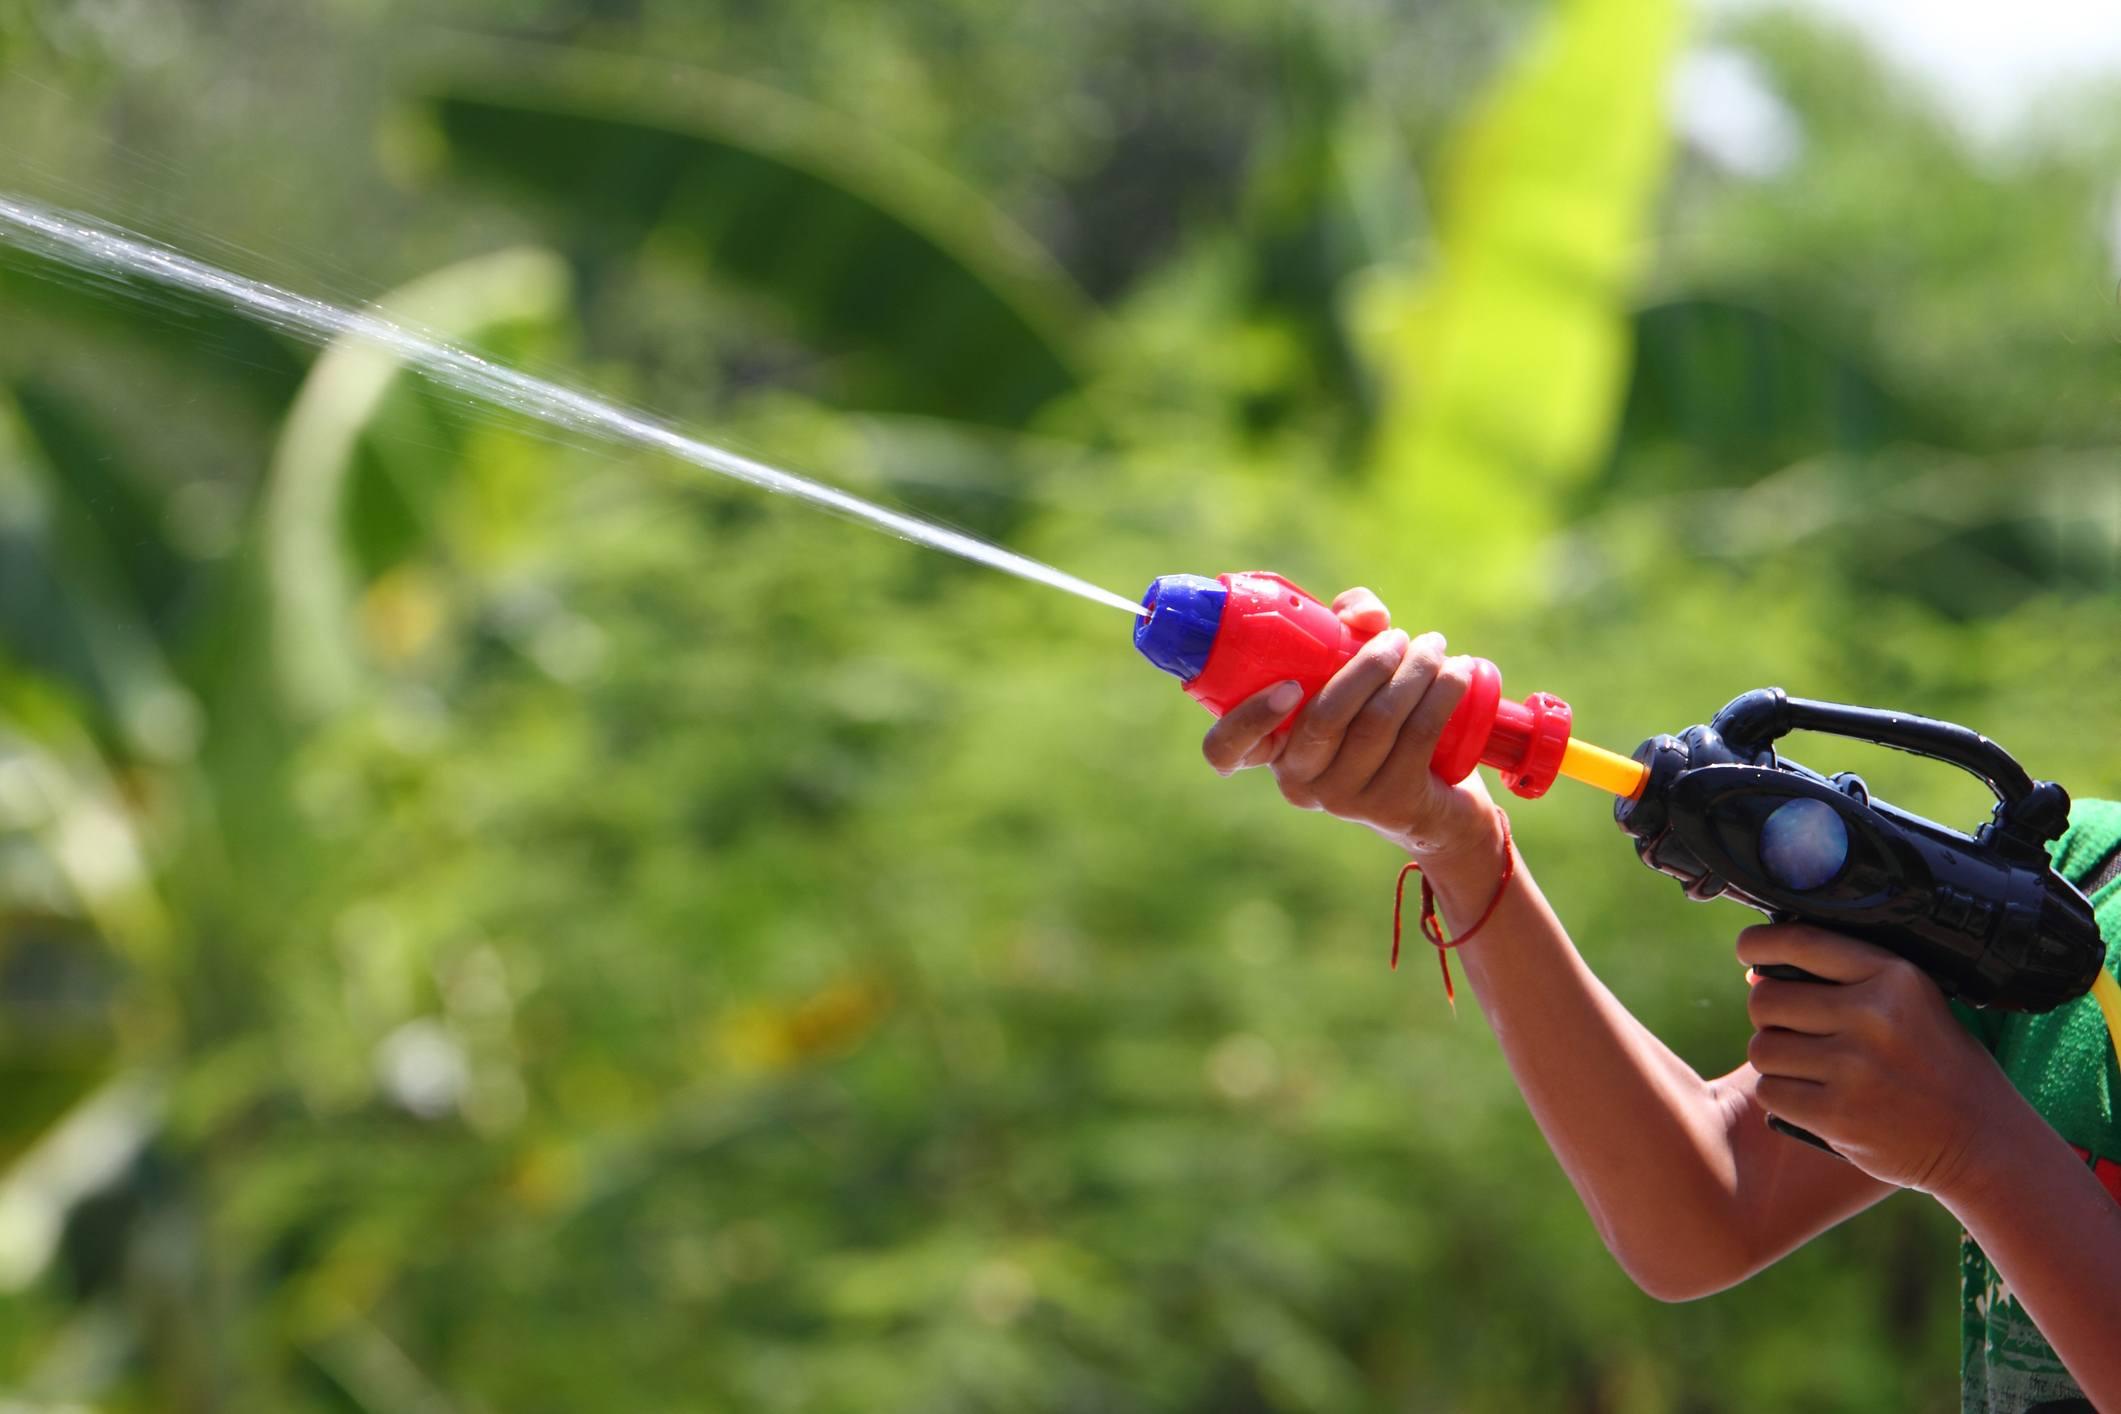 Child with water gun